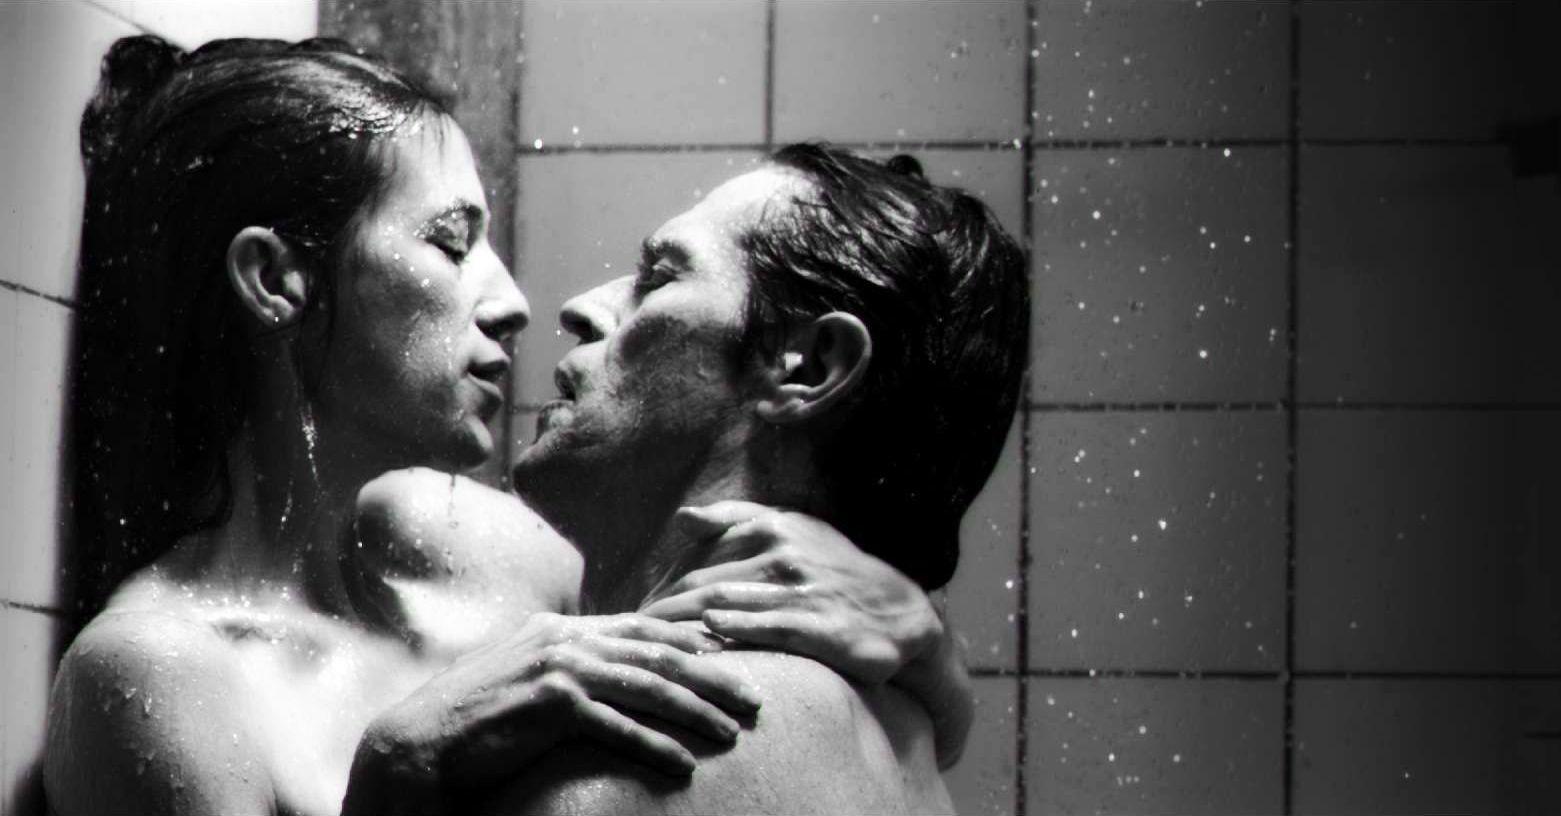 Las mejores películas no porno con sexo real